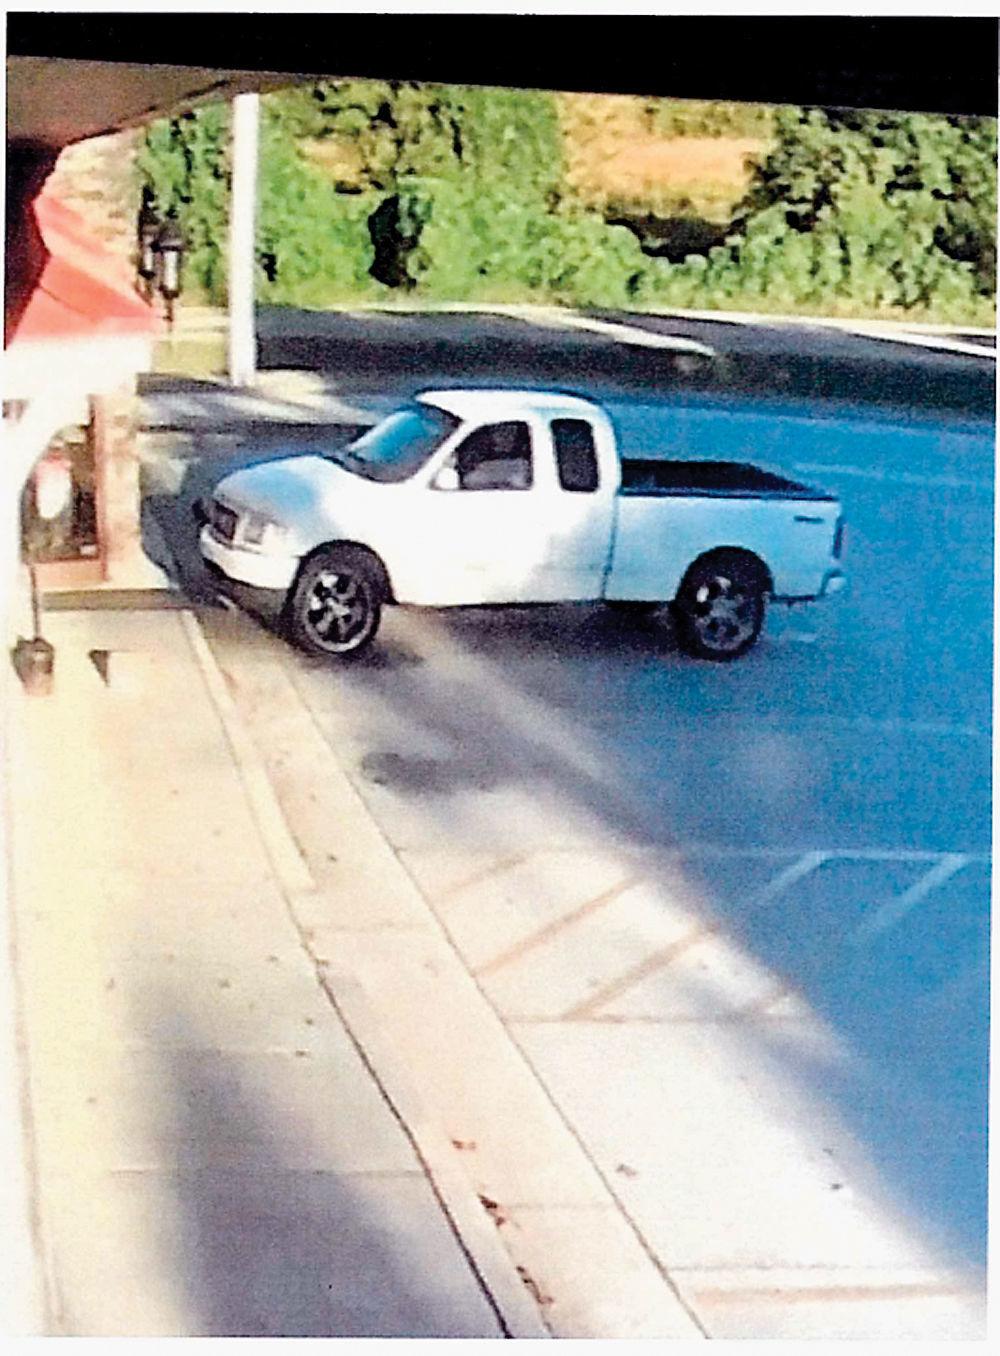 Suspect Bradley McMahan's truck